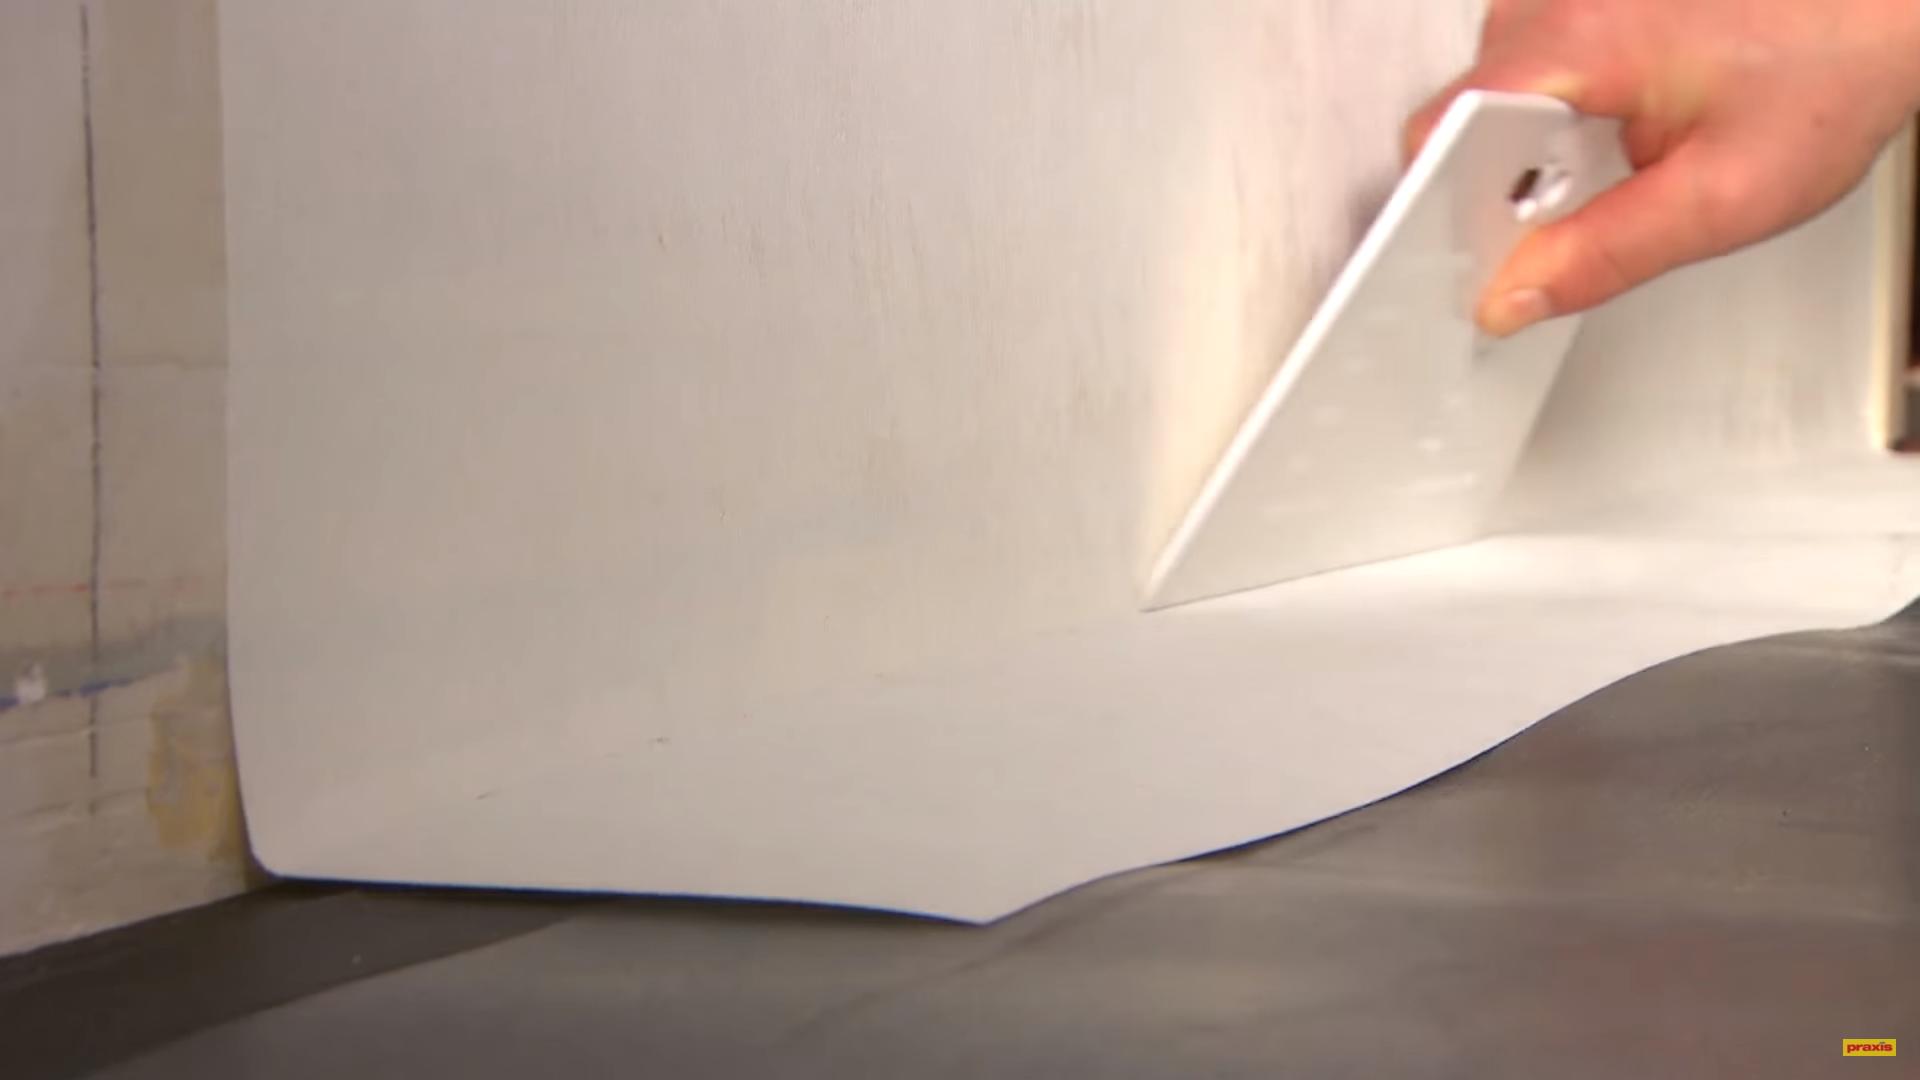 Behang Slaapkamer Praxis : Praxis behang luchtzuiverend behang voor babyfoot